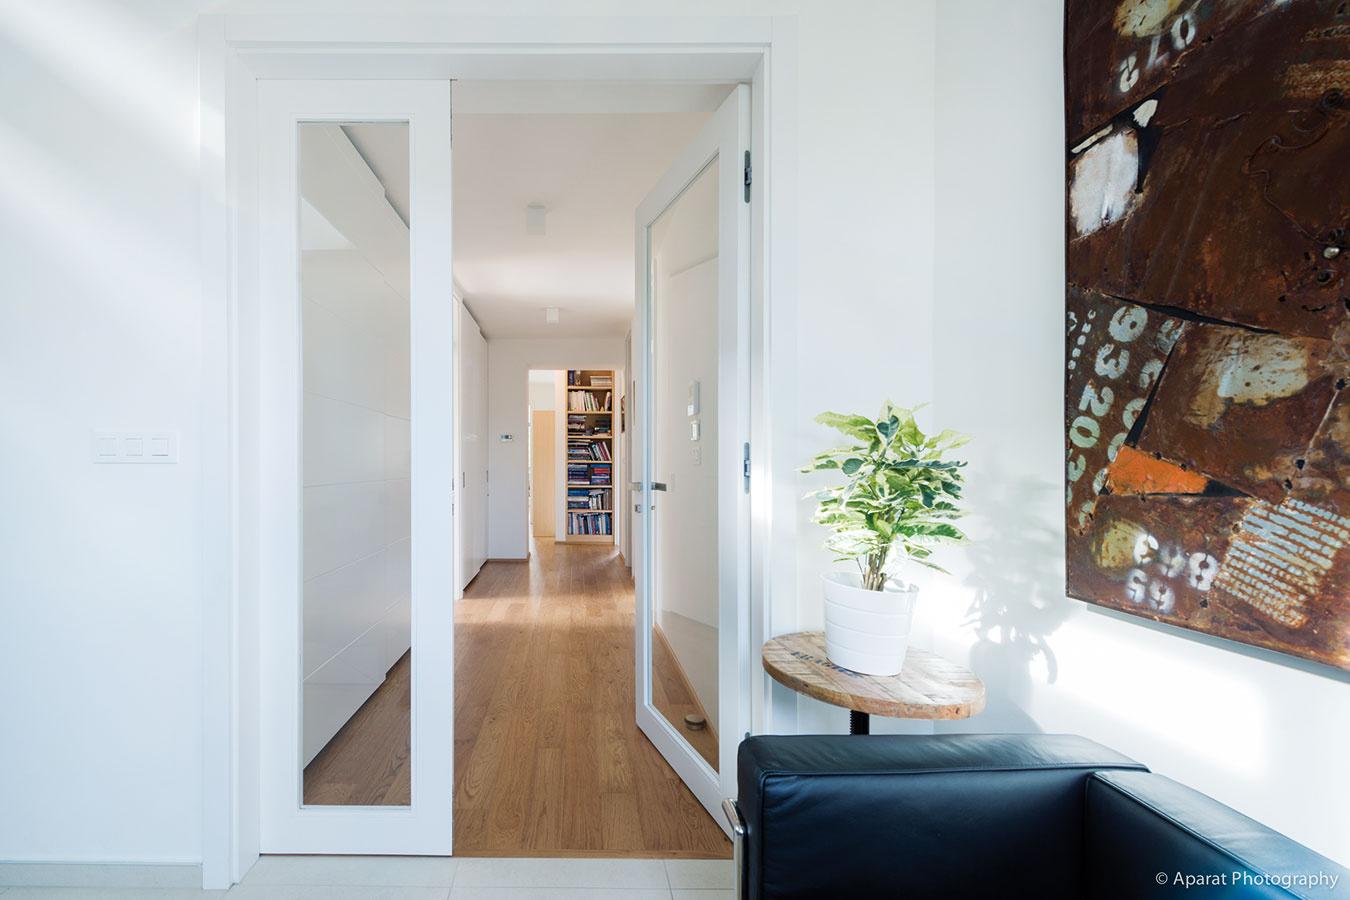 Na spodnom podlaží bytu ostali po rekonštrukcii len spálne akúpeľne. Sklenené dvere, ktorými sa vchádza do spálňovej časti zo schodiska, prepustia do chodby vcentre dispozície svetlo, nie však hluk ani chlad.